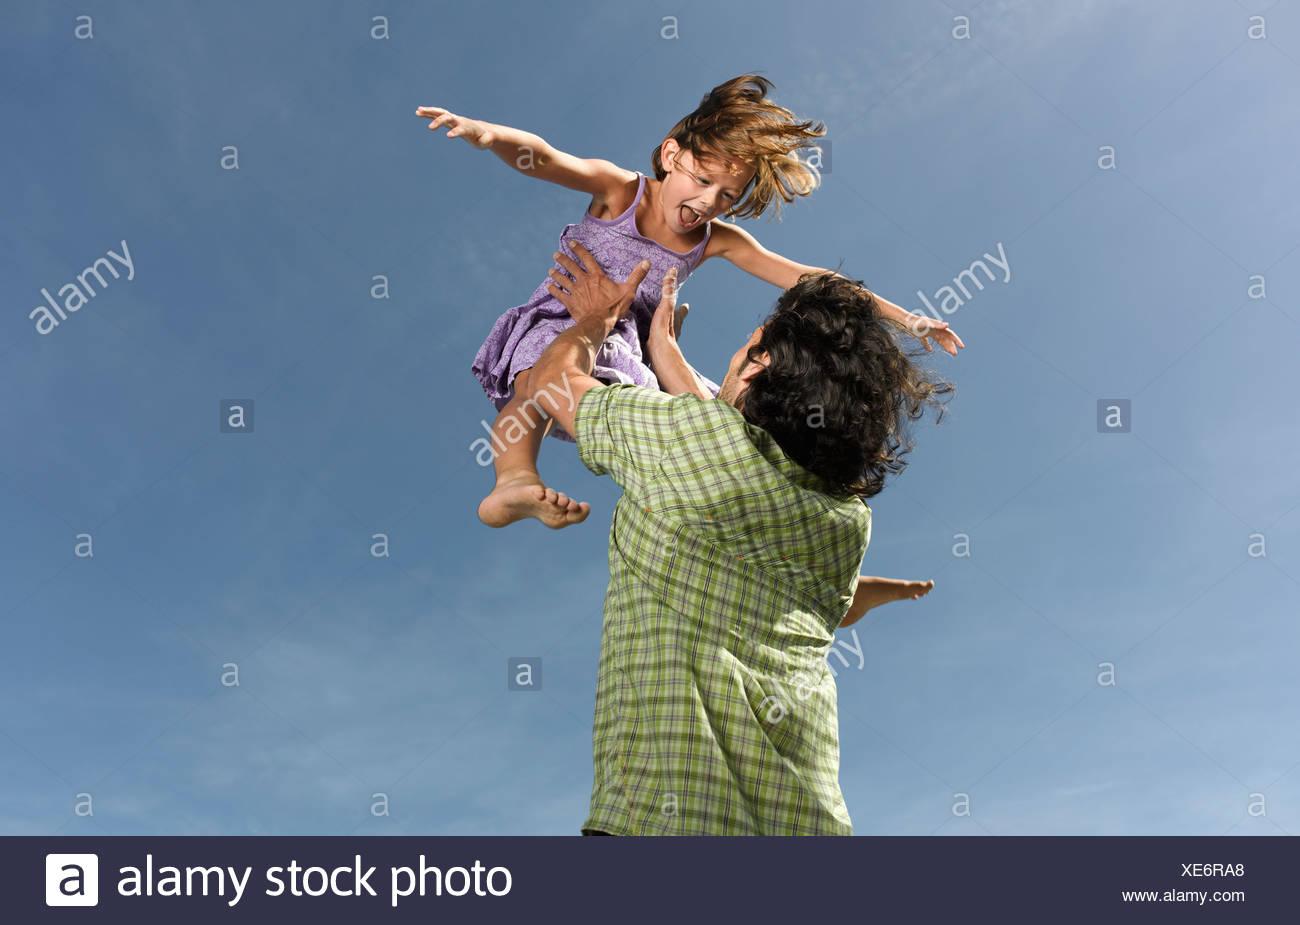 Ein Vater seine Tochter in die Luft werfen Stockbild